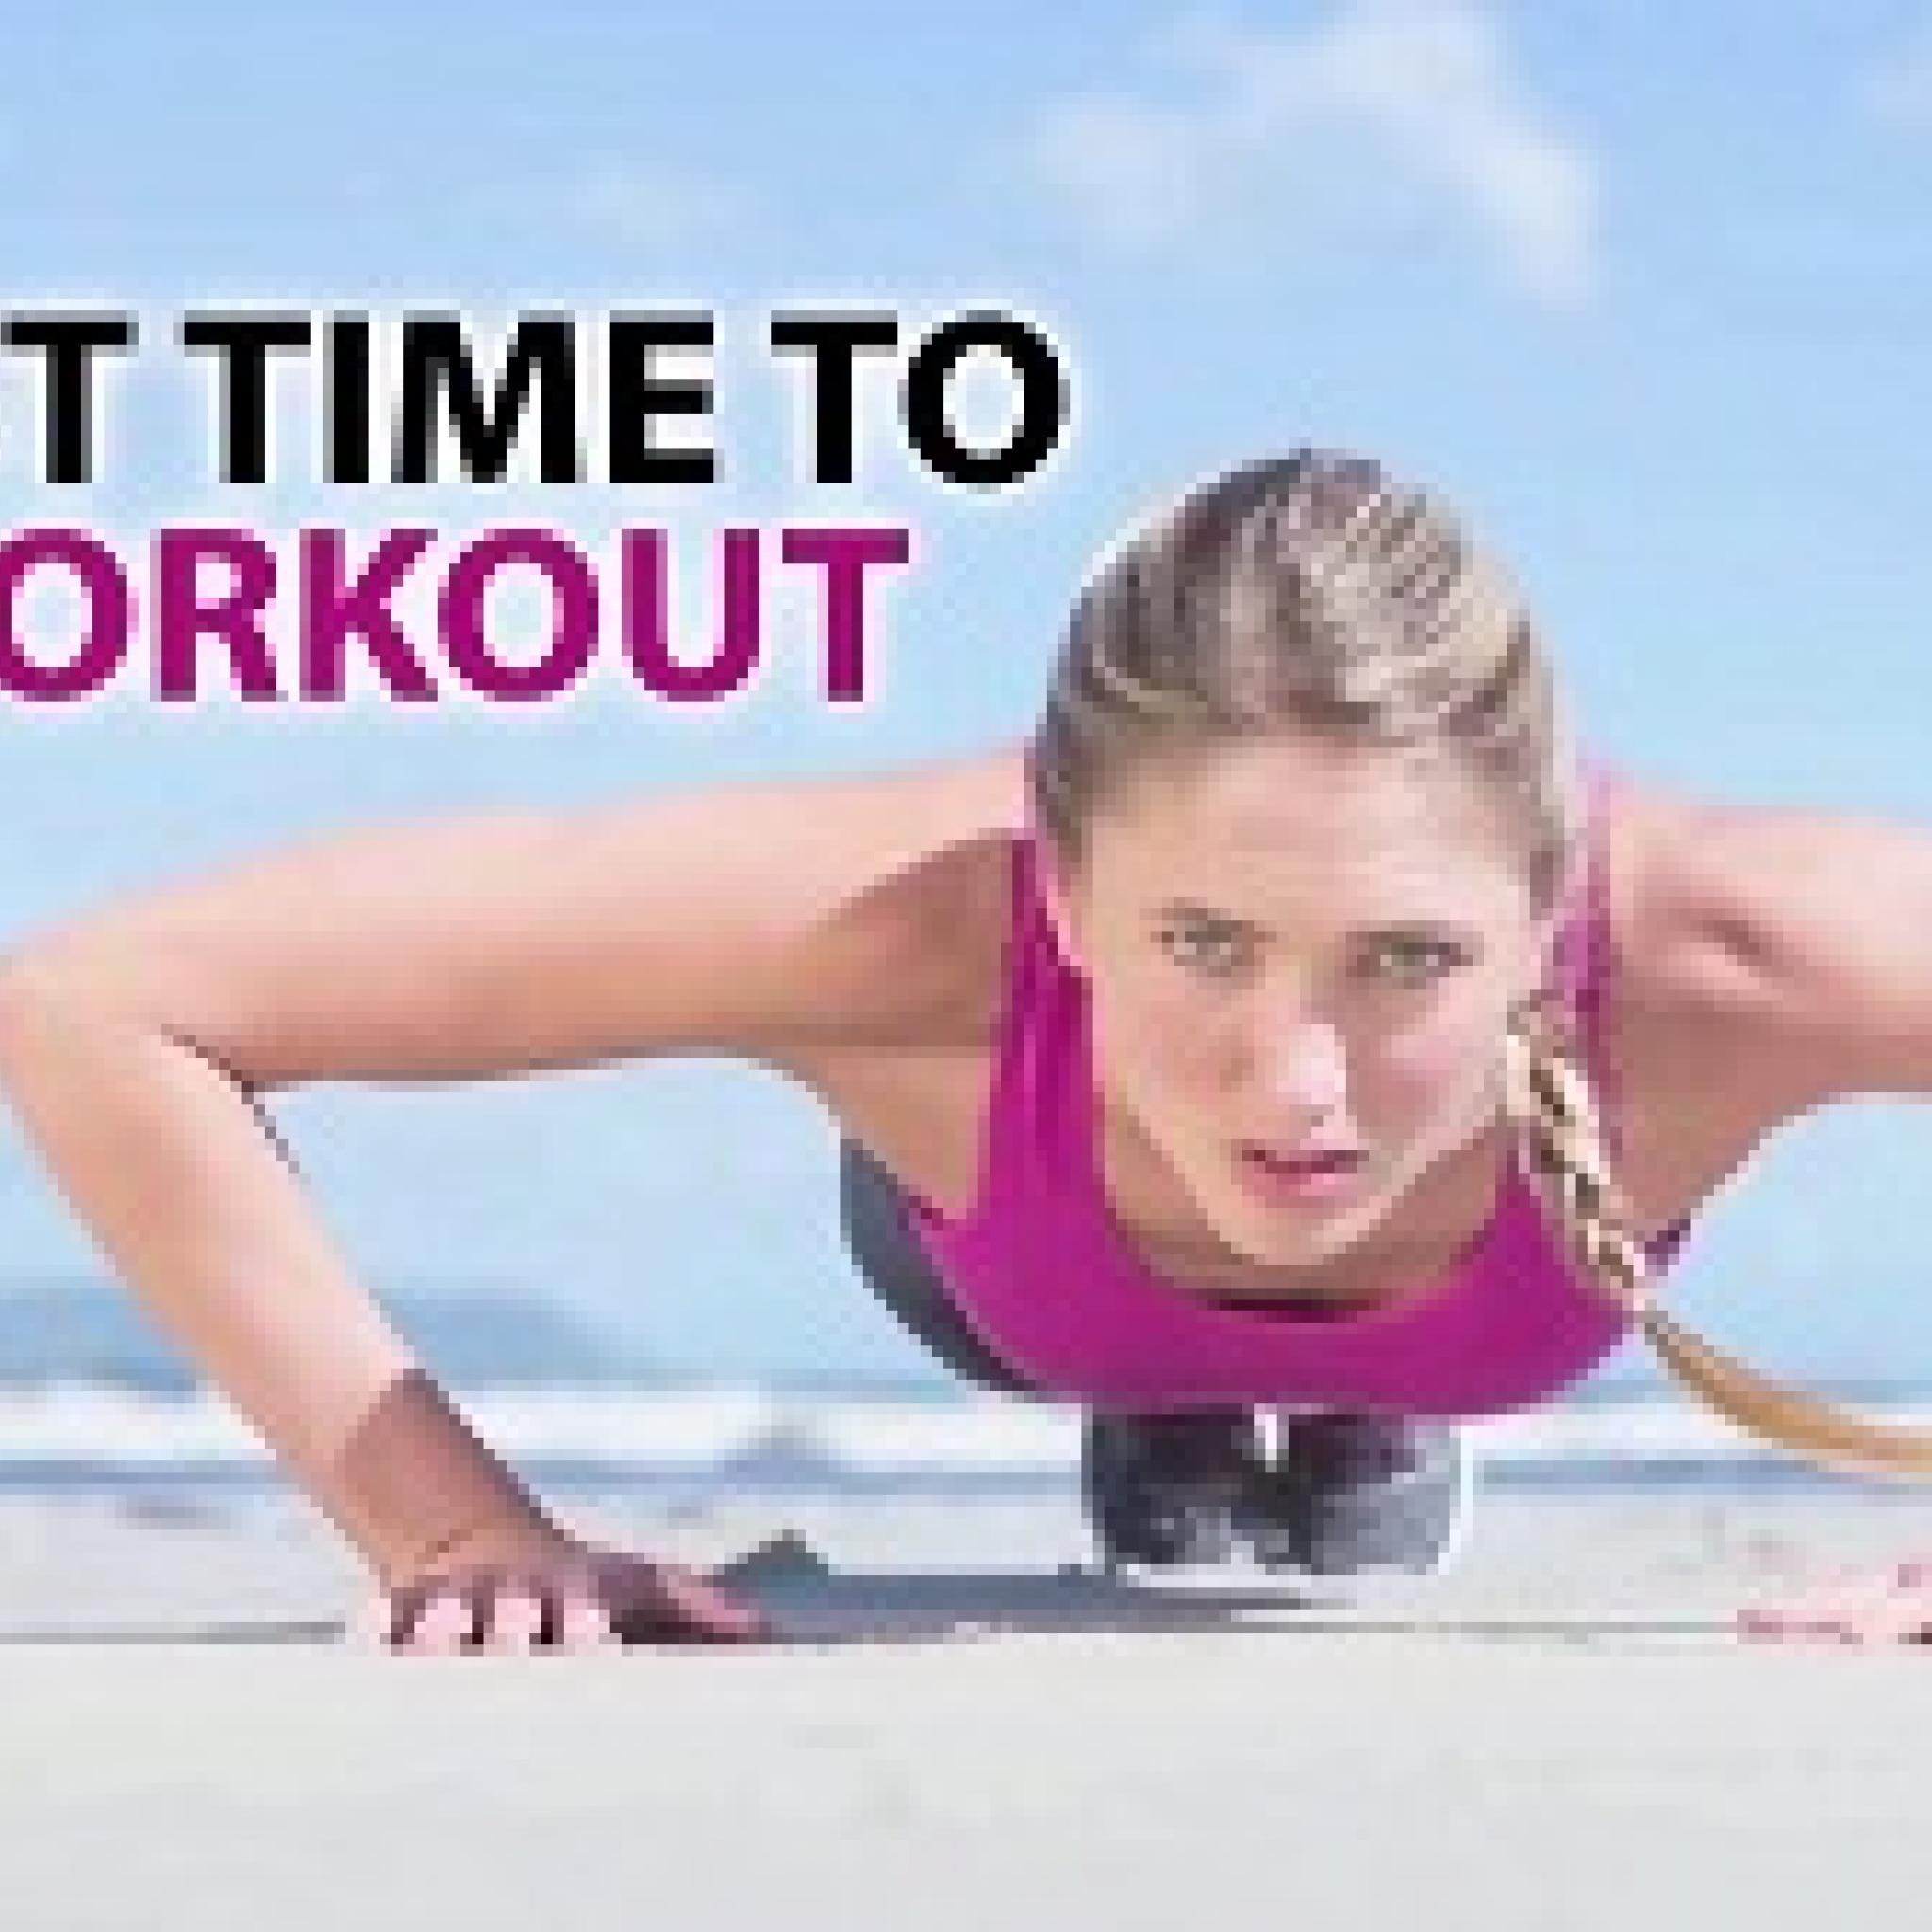 የአካል ብቃት እንቅስቃሴ ለመስራት ትክክለኛው ሰዓት የቱ ነው? - What's the Best Time to Exercise?